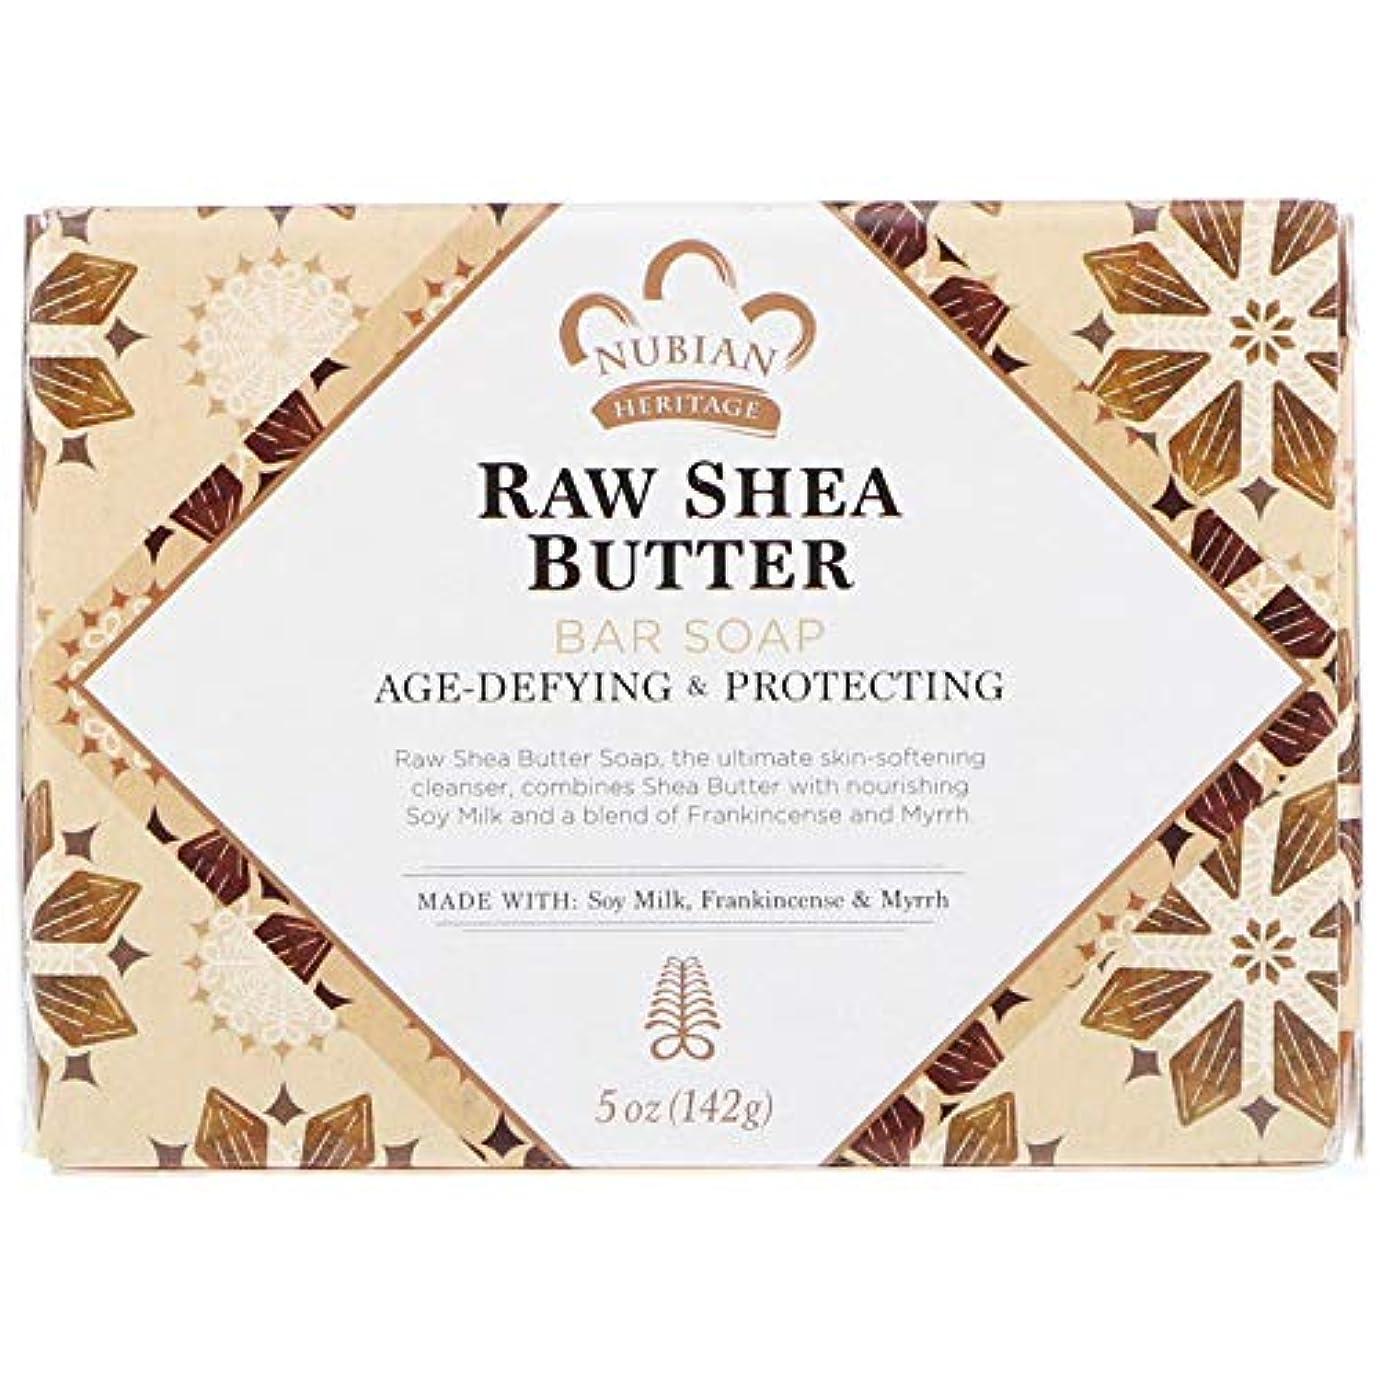 モナリザ図書館ピストンヌビアン ヘリテージ(Nubian Heritage) ロウ シアバター ソープ 141g Bar Soap, Raw Shea and Myrrh [並行輸入品]